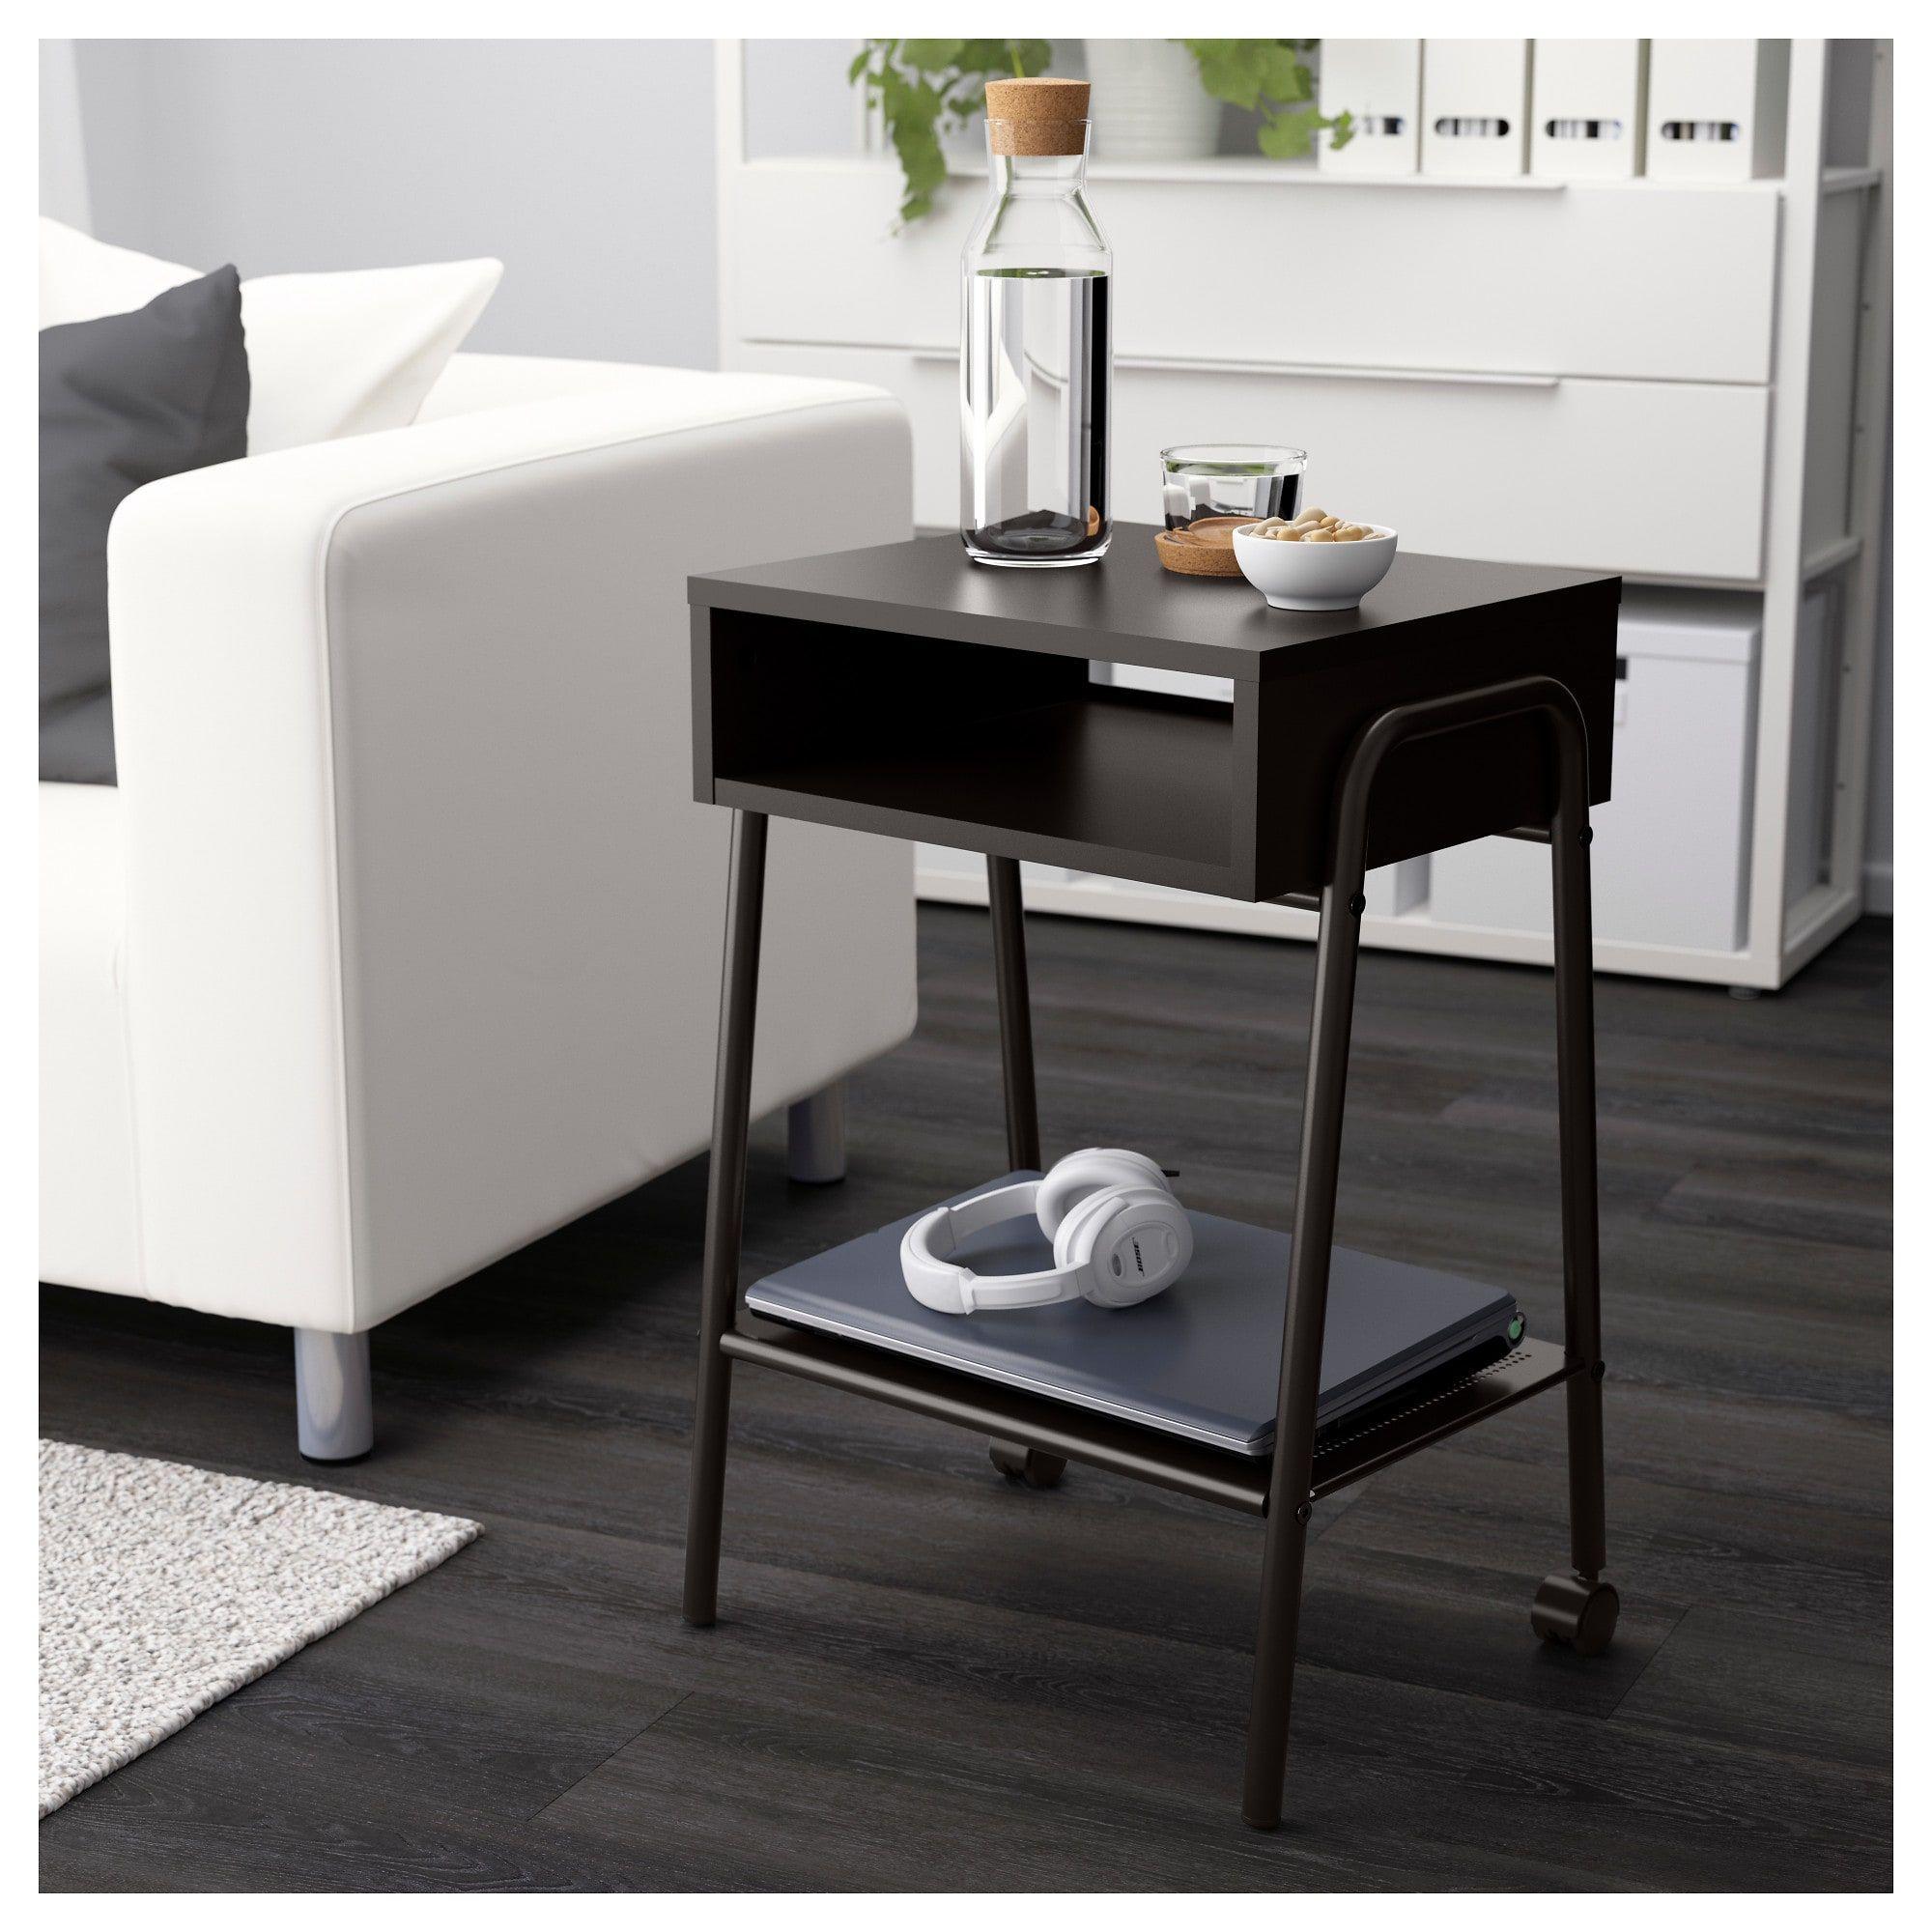 Setskog Bedside Table Black 45X35 Cm  Ikea